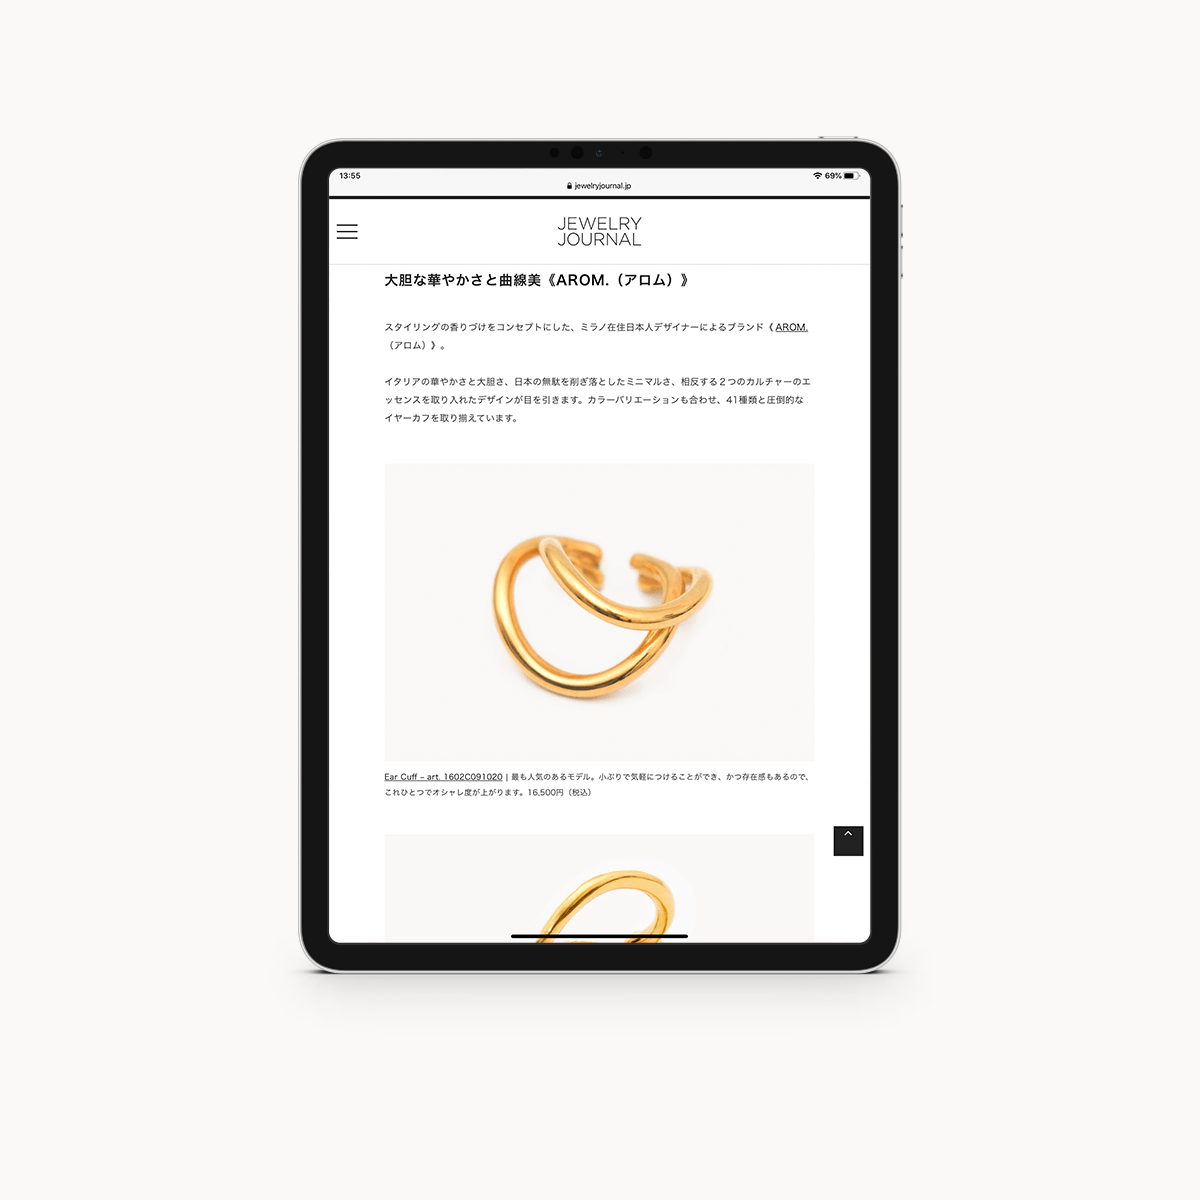 Jewelry Journal